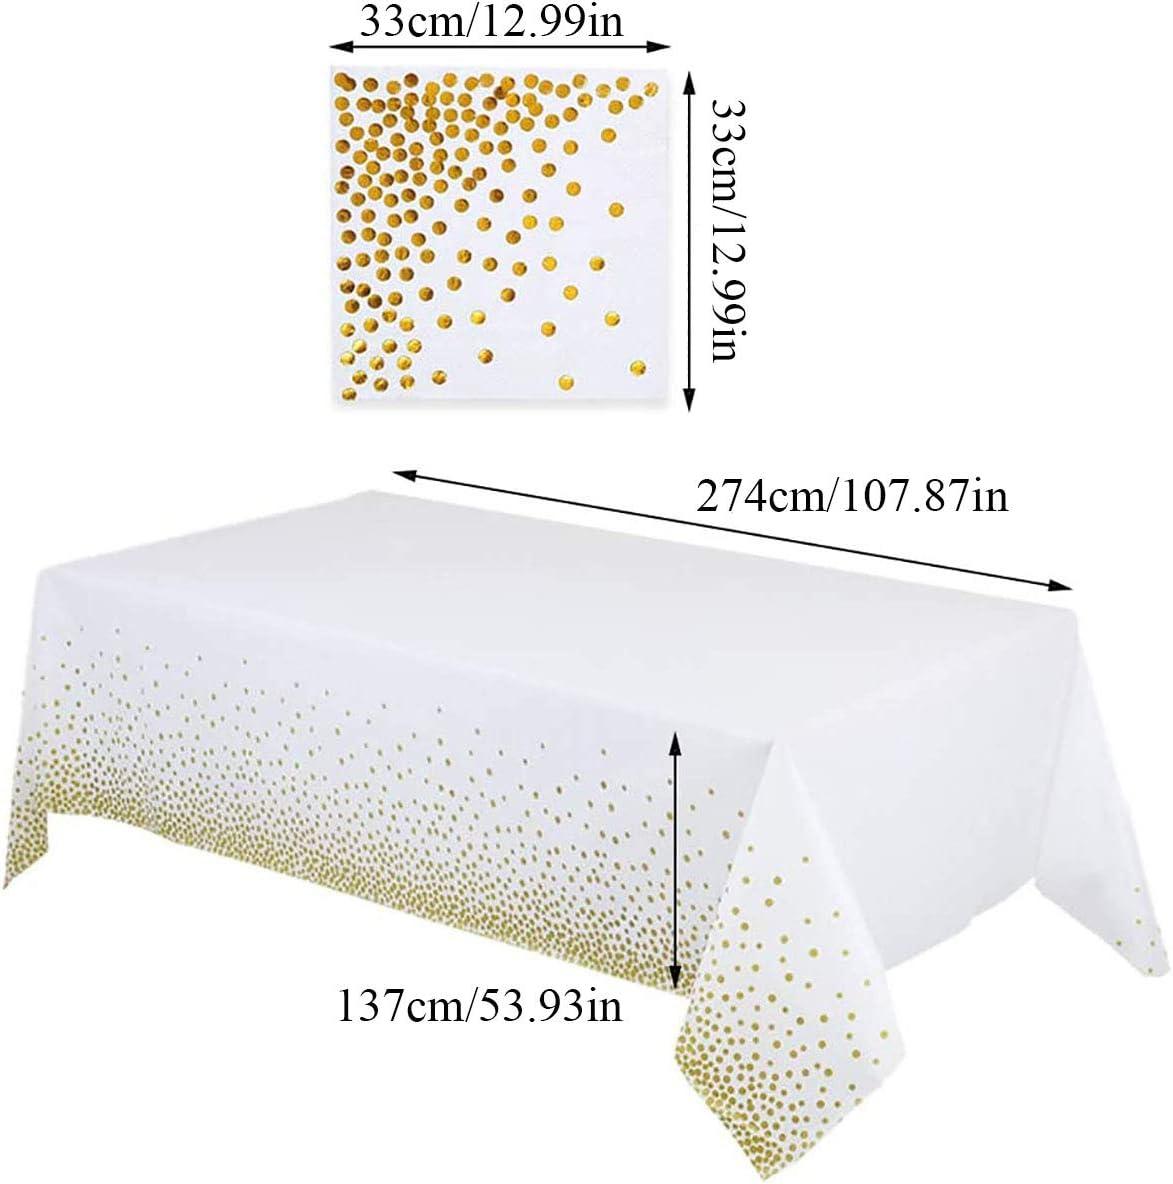 Binjor 2Pcs Nappe de F/ête /à Pois Jetable et 50 esserviettes /à Pois en Papier Couverture de Table PEVA /Épaissir R/ésistant /à leau et /à lhuile Couvre-Tables pour Fournitures de f/ête Noir Blanc